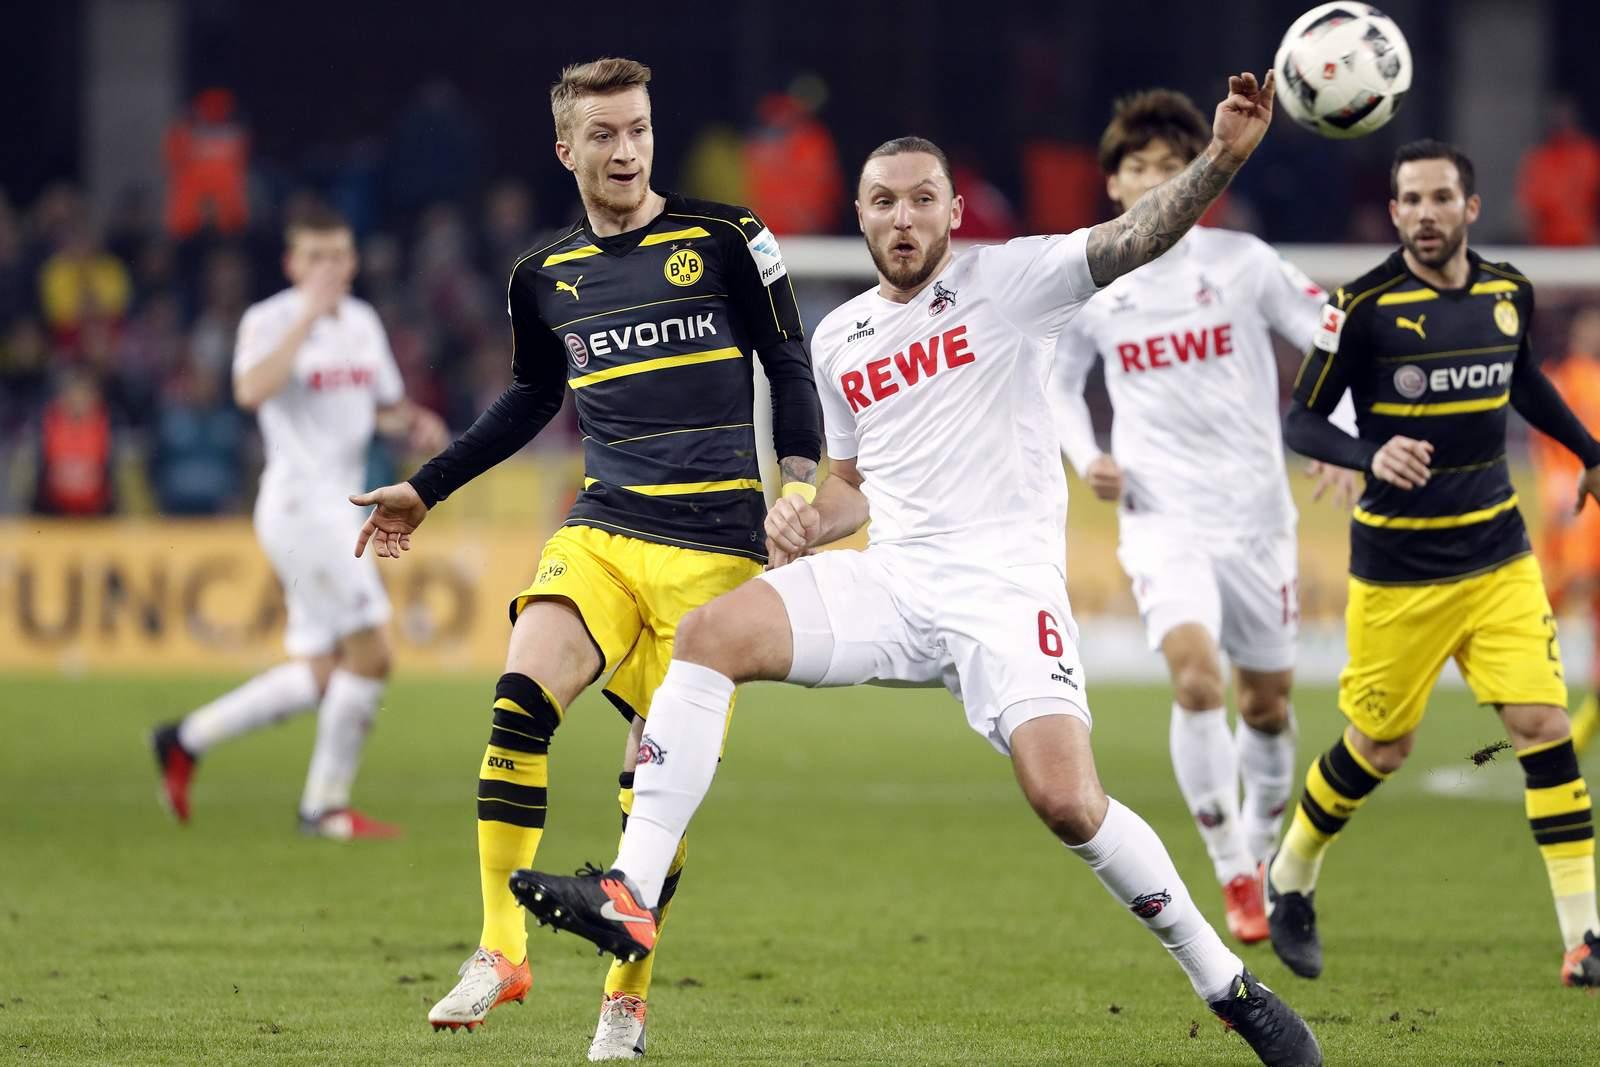 Marco Reus vom BVB gegen Marco Höger vom 1. FC Köln